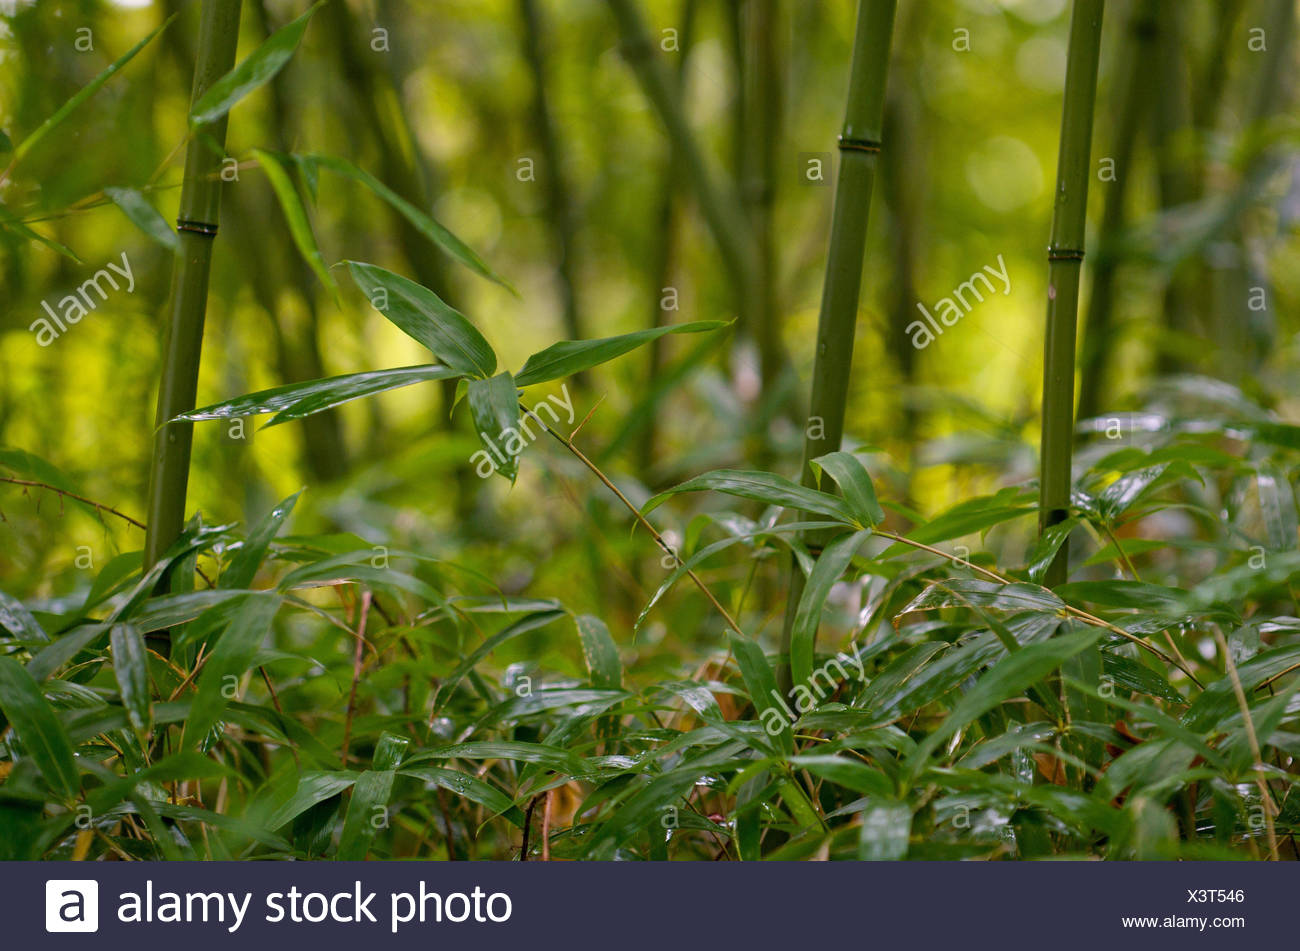 Bambusholz Stock Wachstum Unscharfe Bambusholz Bambus Feng Shui